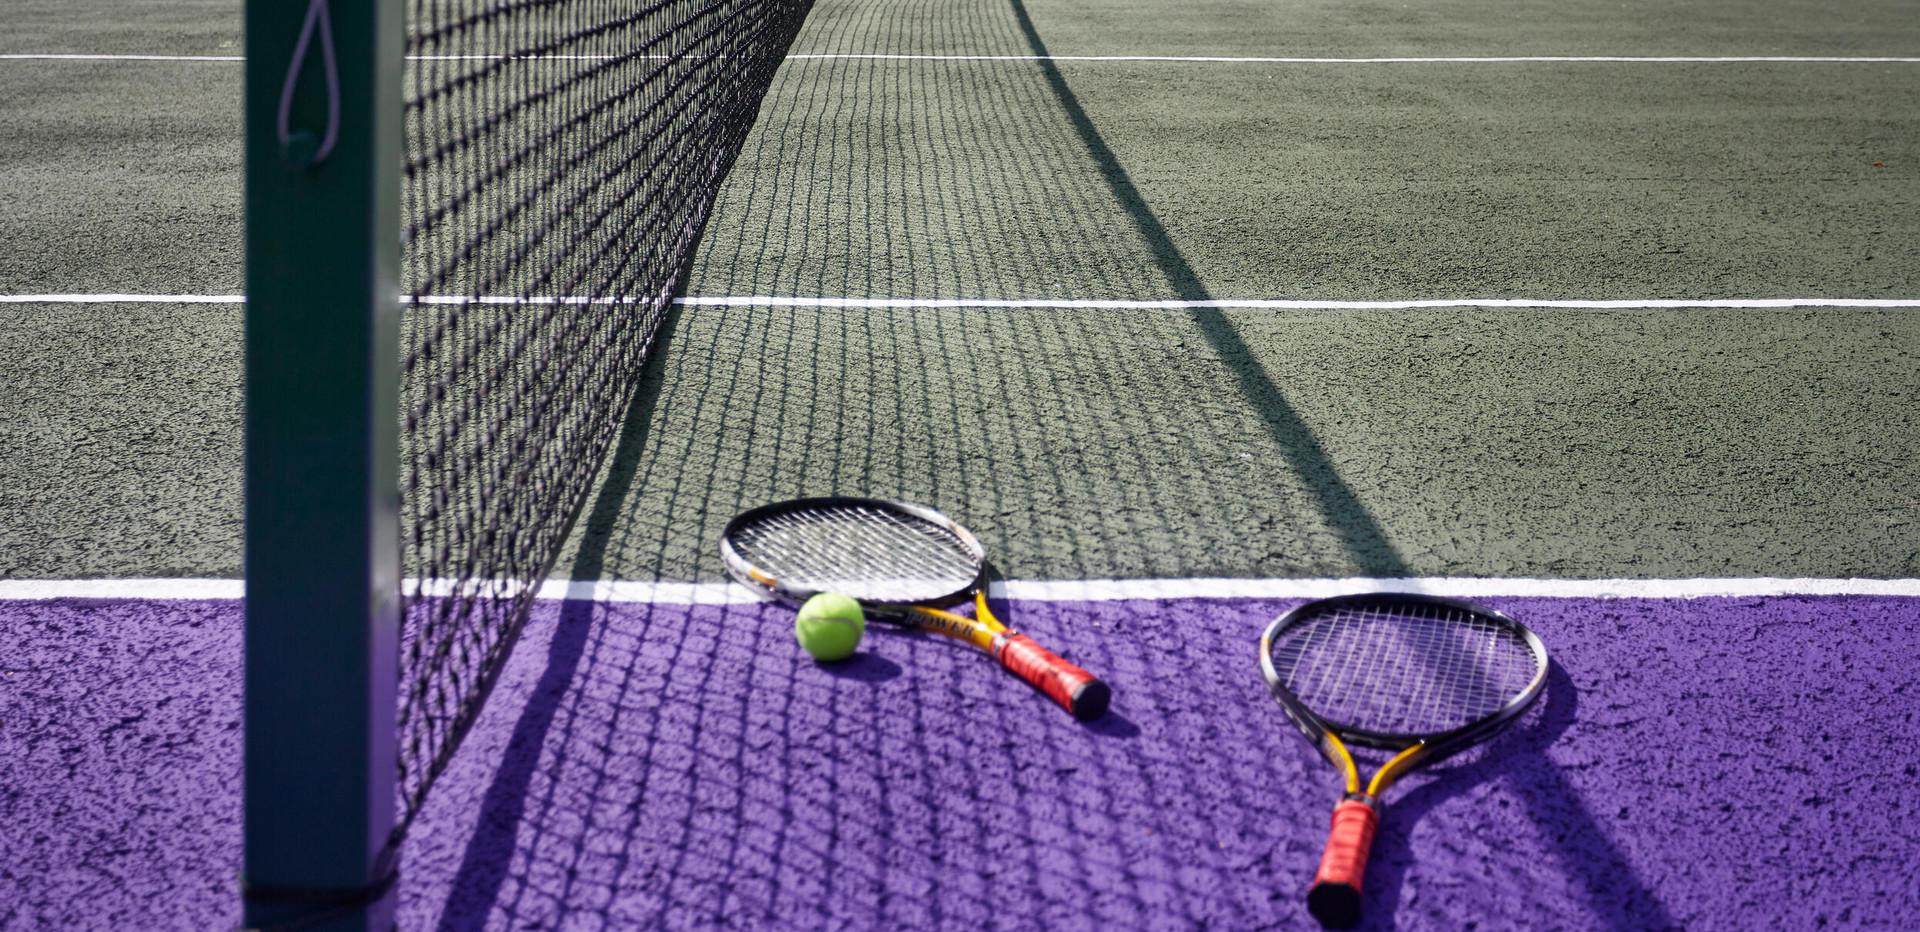 Alexander House (Tennis)